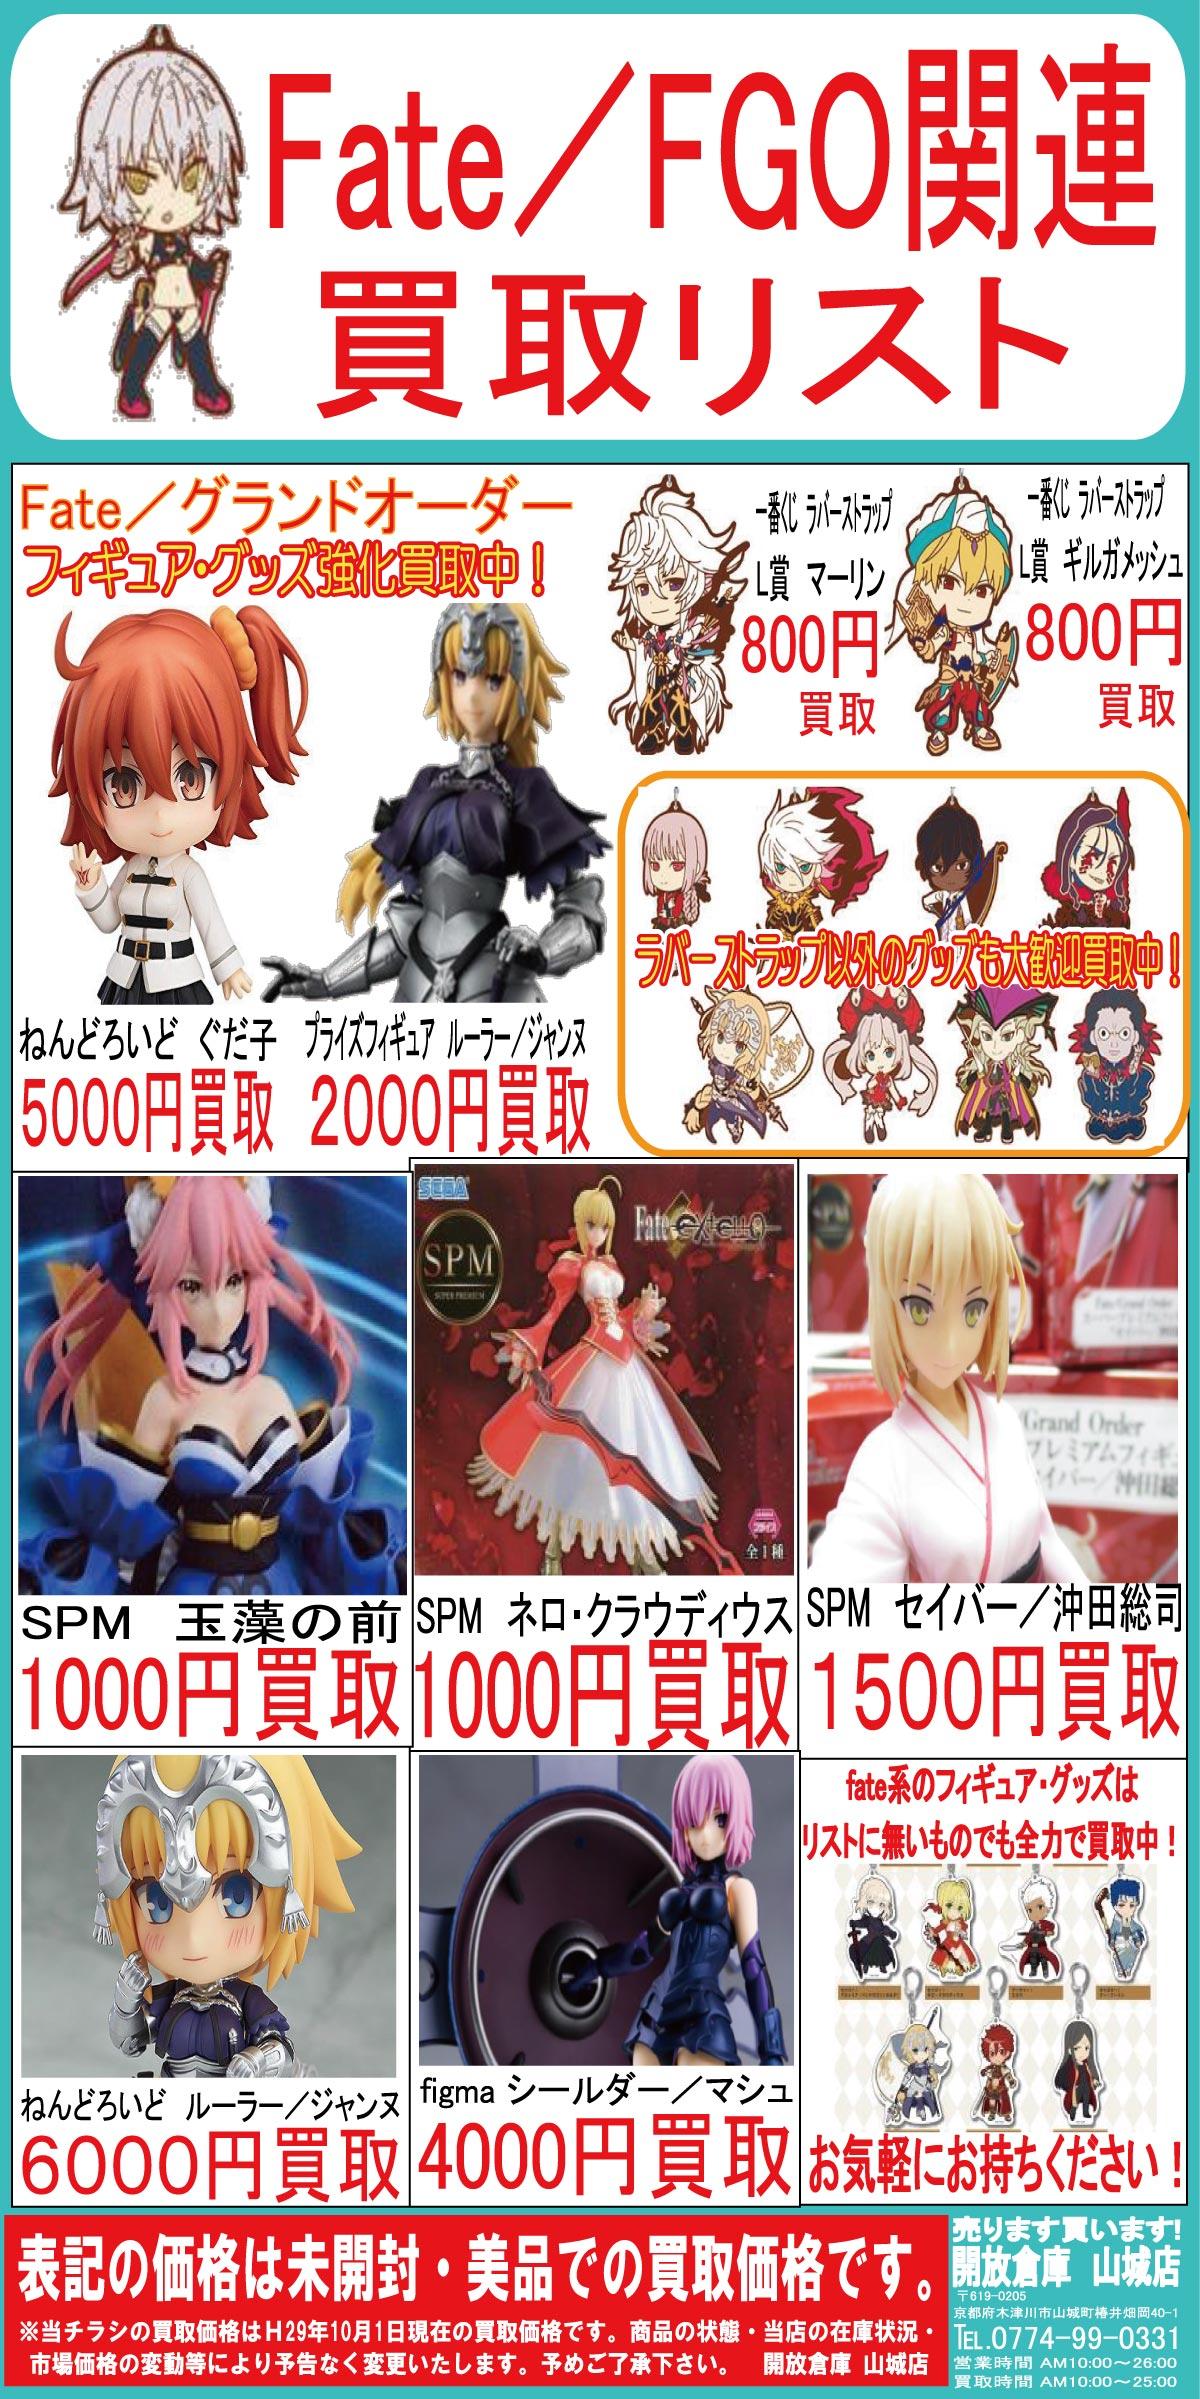 「開放倉庫山城店」おもちゃ買取情報<Fate/FGO関連>買取リスト更新しました!